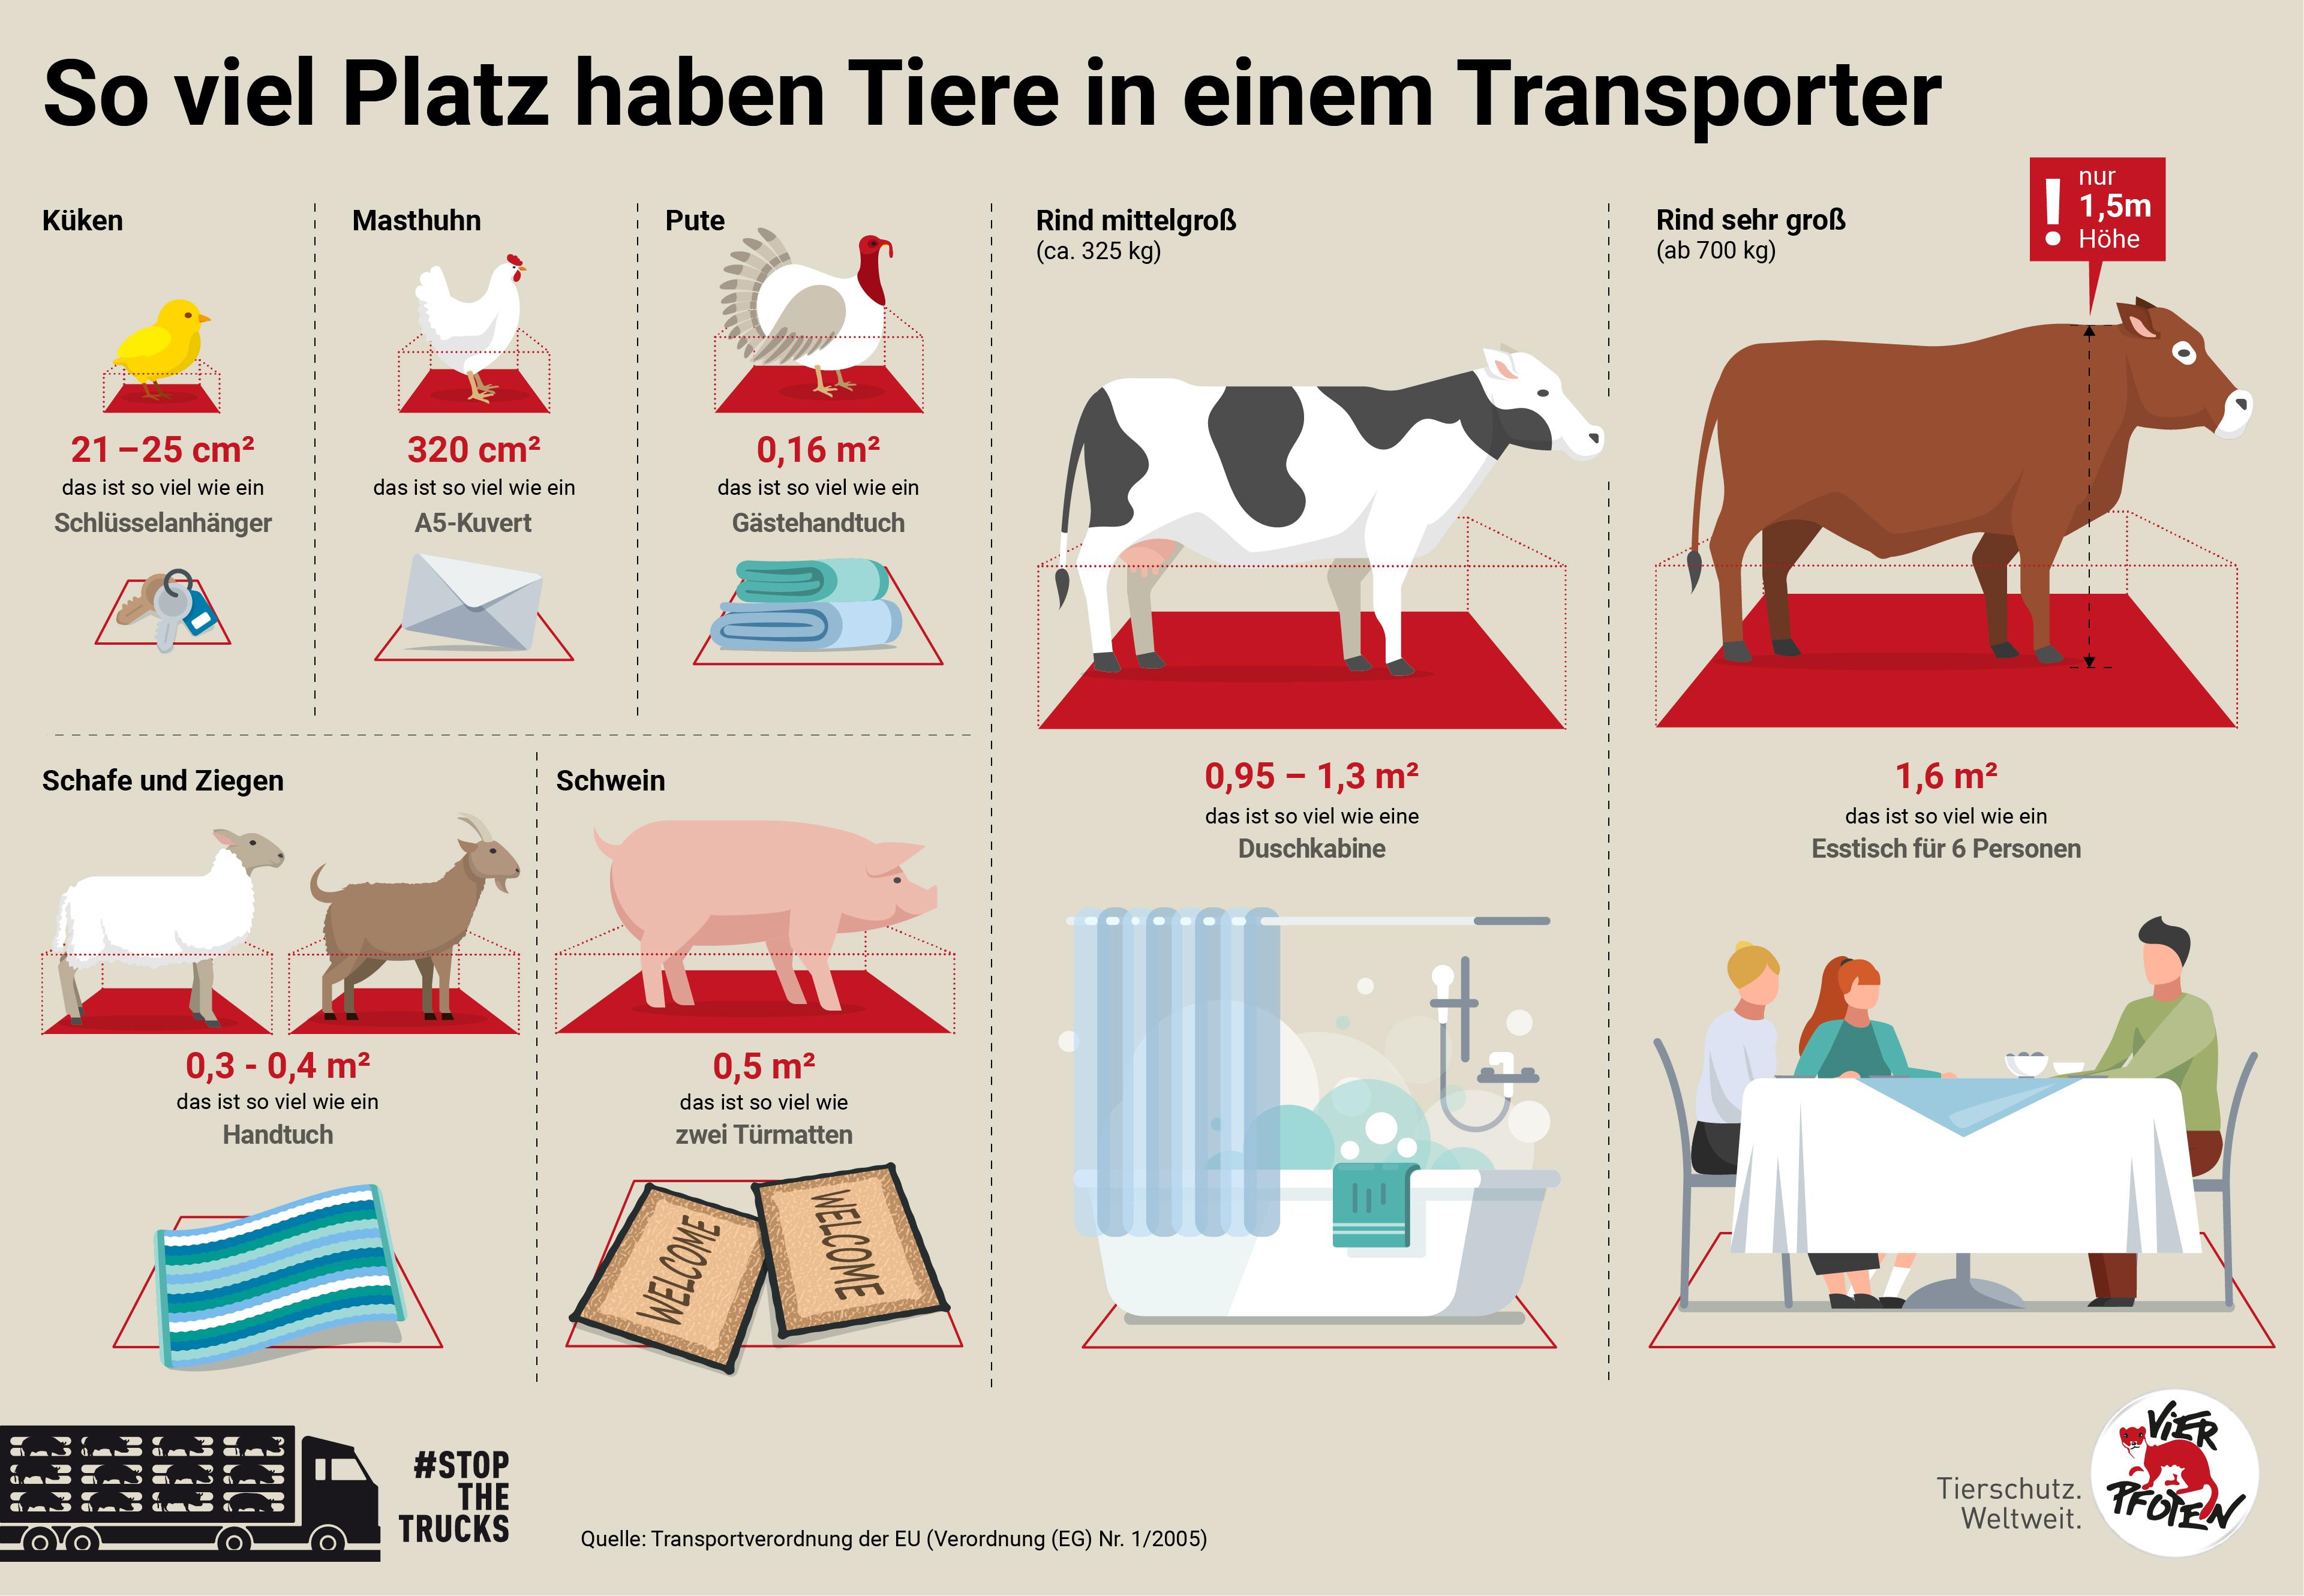 Platz im Tiertransporter